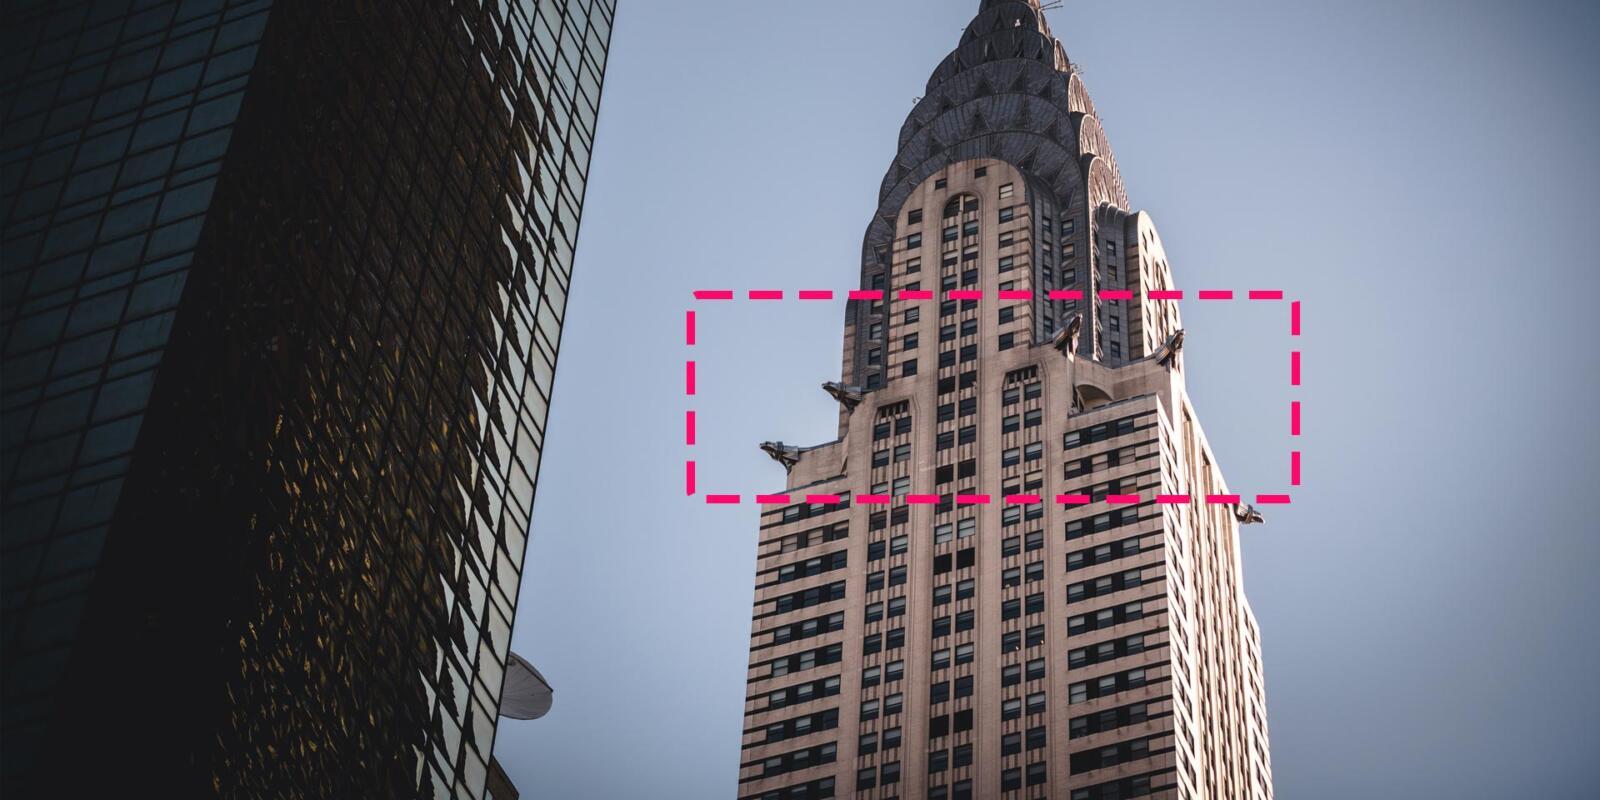 180319105740002-Chrysler-Building-Observation-Deck-Height